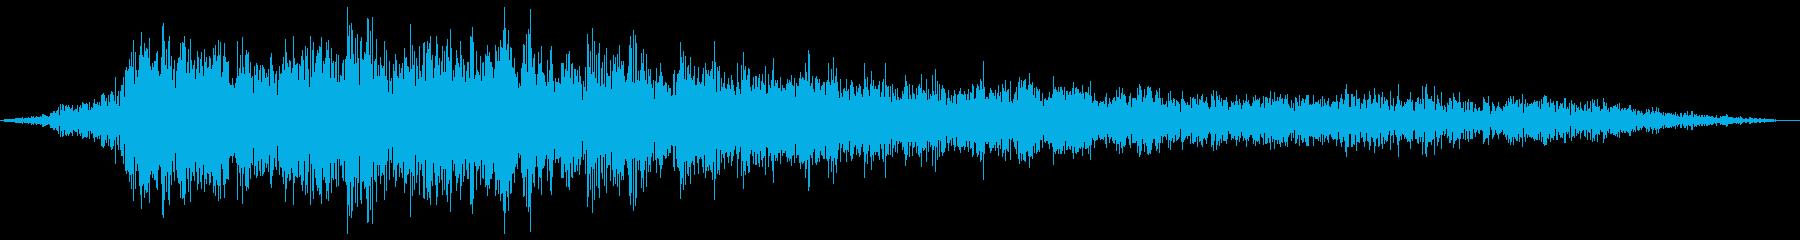 車の急ブレーキ(キキーッ)の再生済みの波形